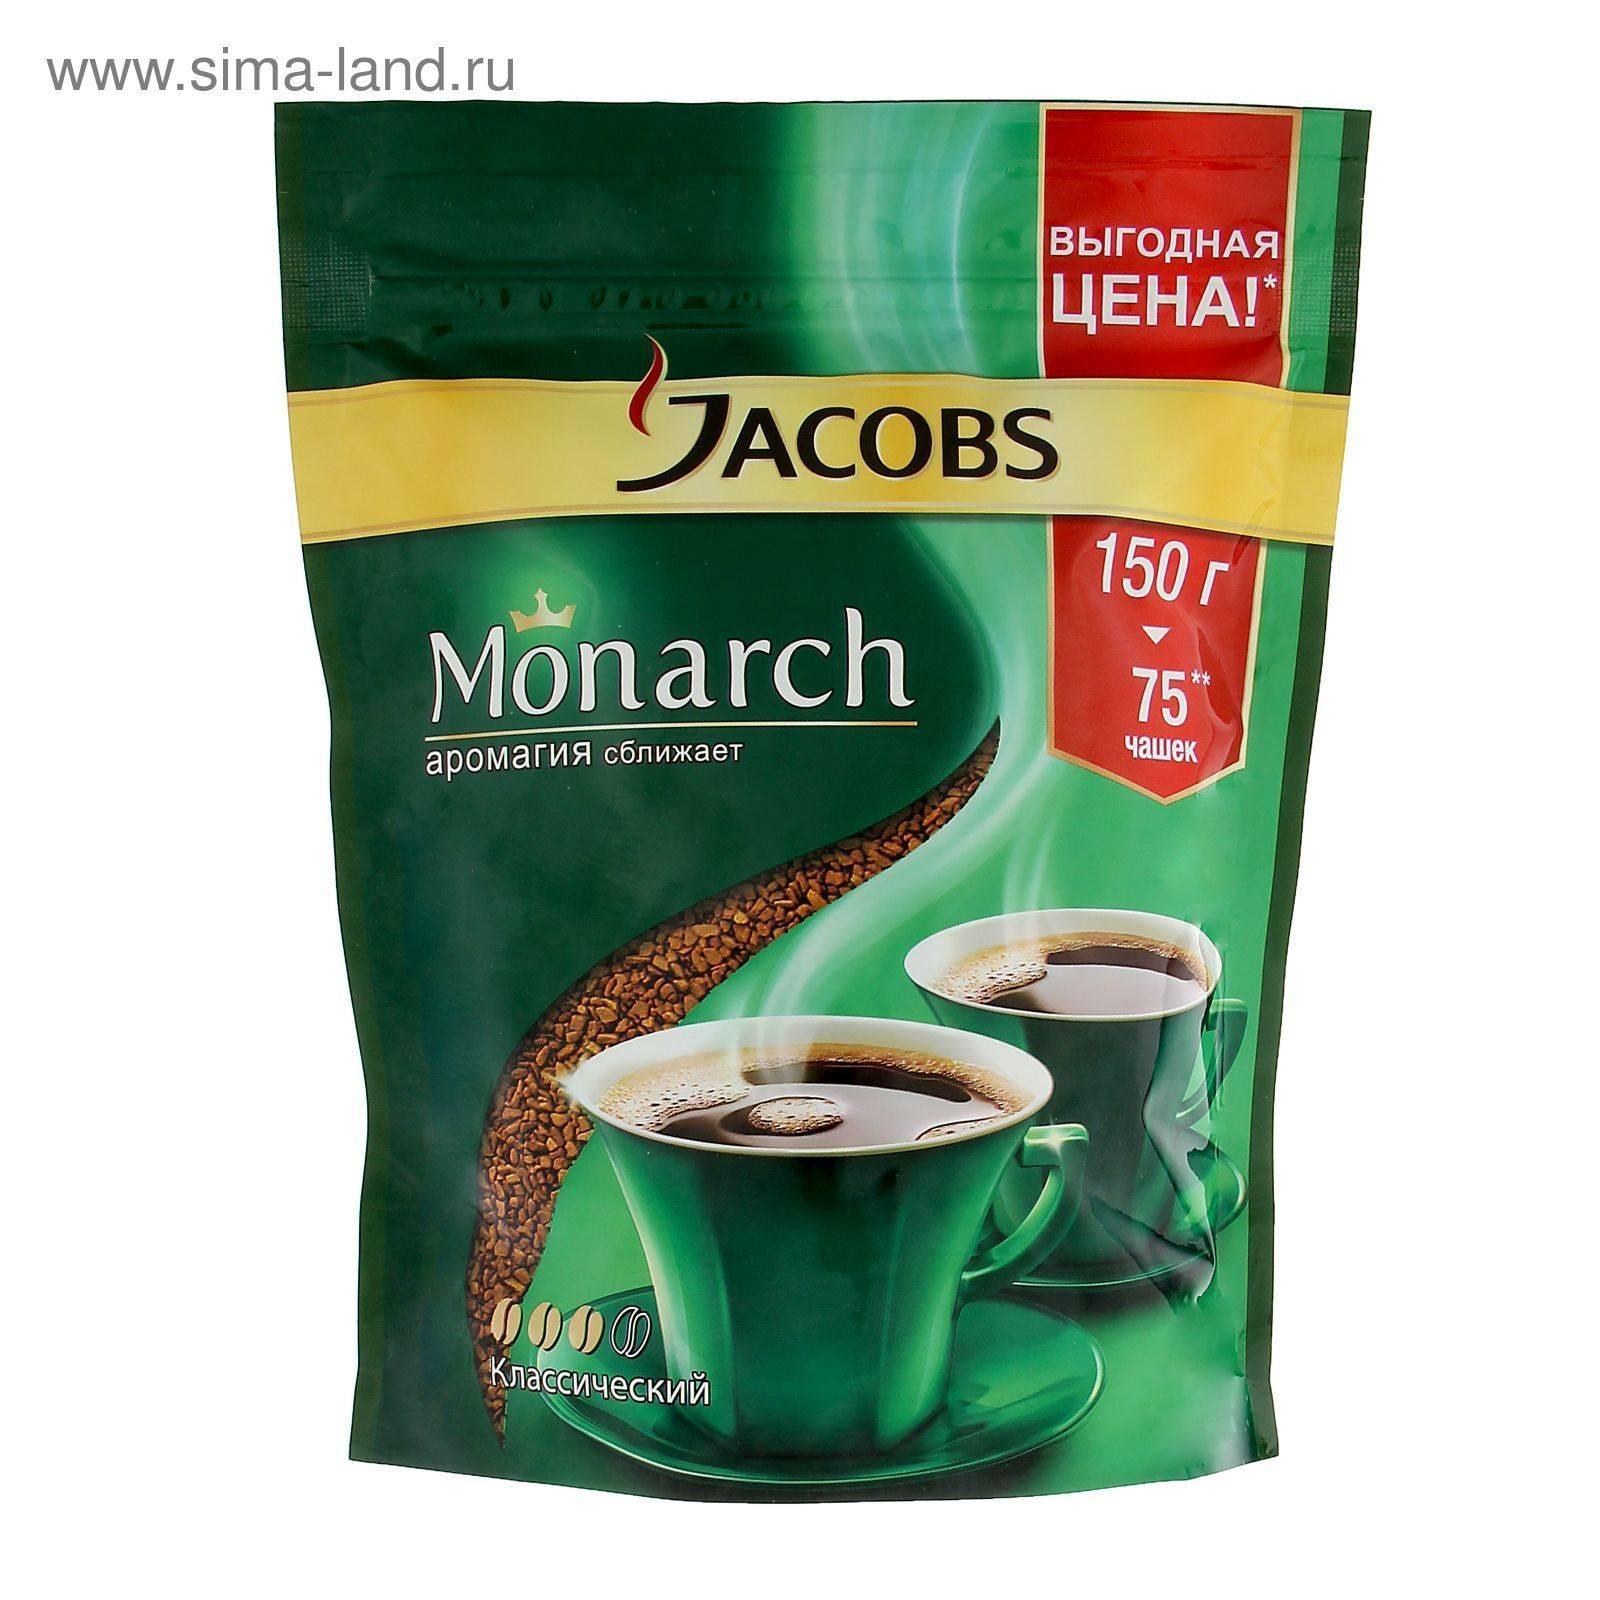 Кофе JACOBS MONARCH растворимый 150 г. в пакете